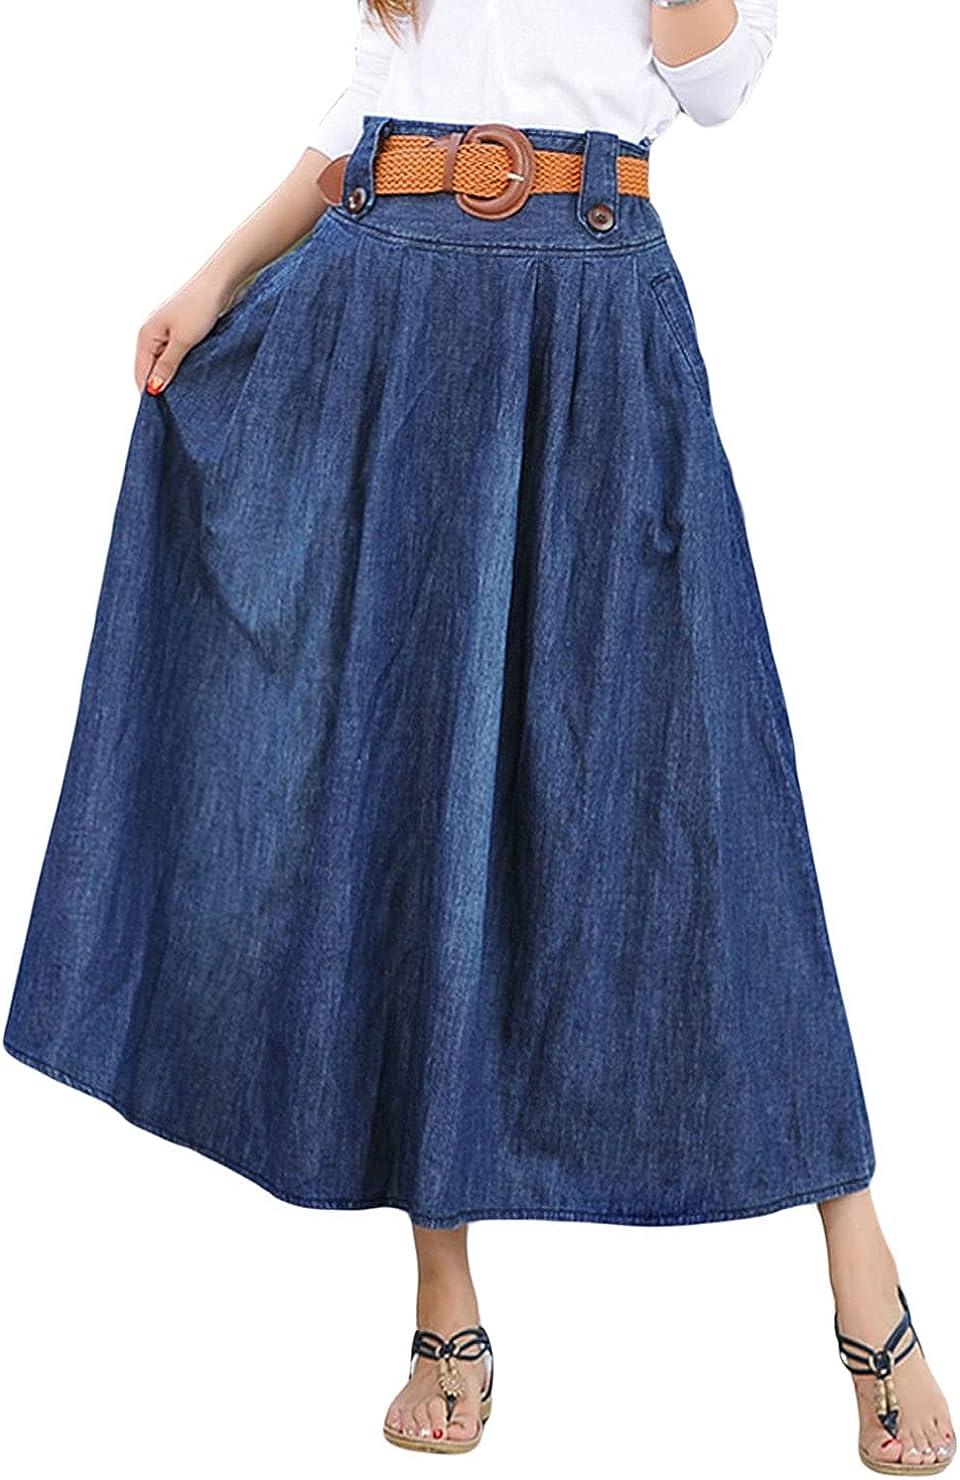 CHARTOU Women's Elastic High Waist Long Denim Pleated Skirt with Belt/Pockets